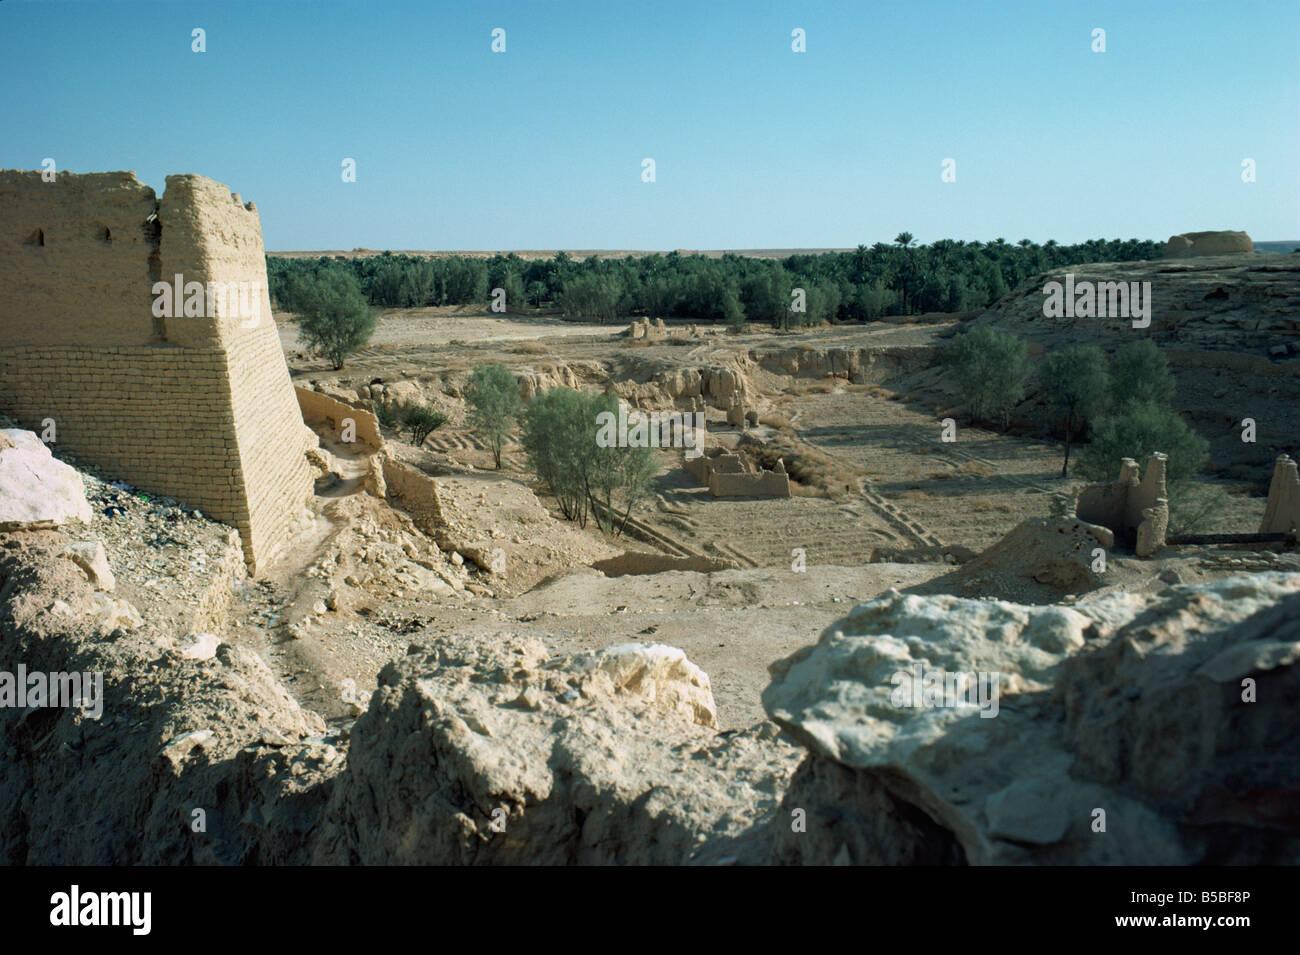 L'Oasis Al Diriya près de Riyad Arabie Saoudite Moyen-orient Photo Stock